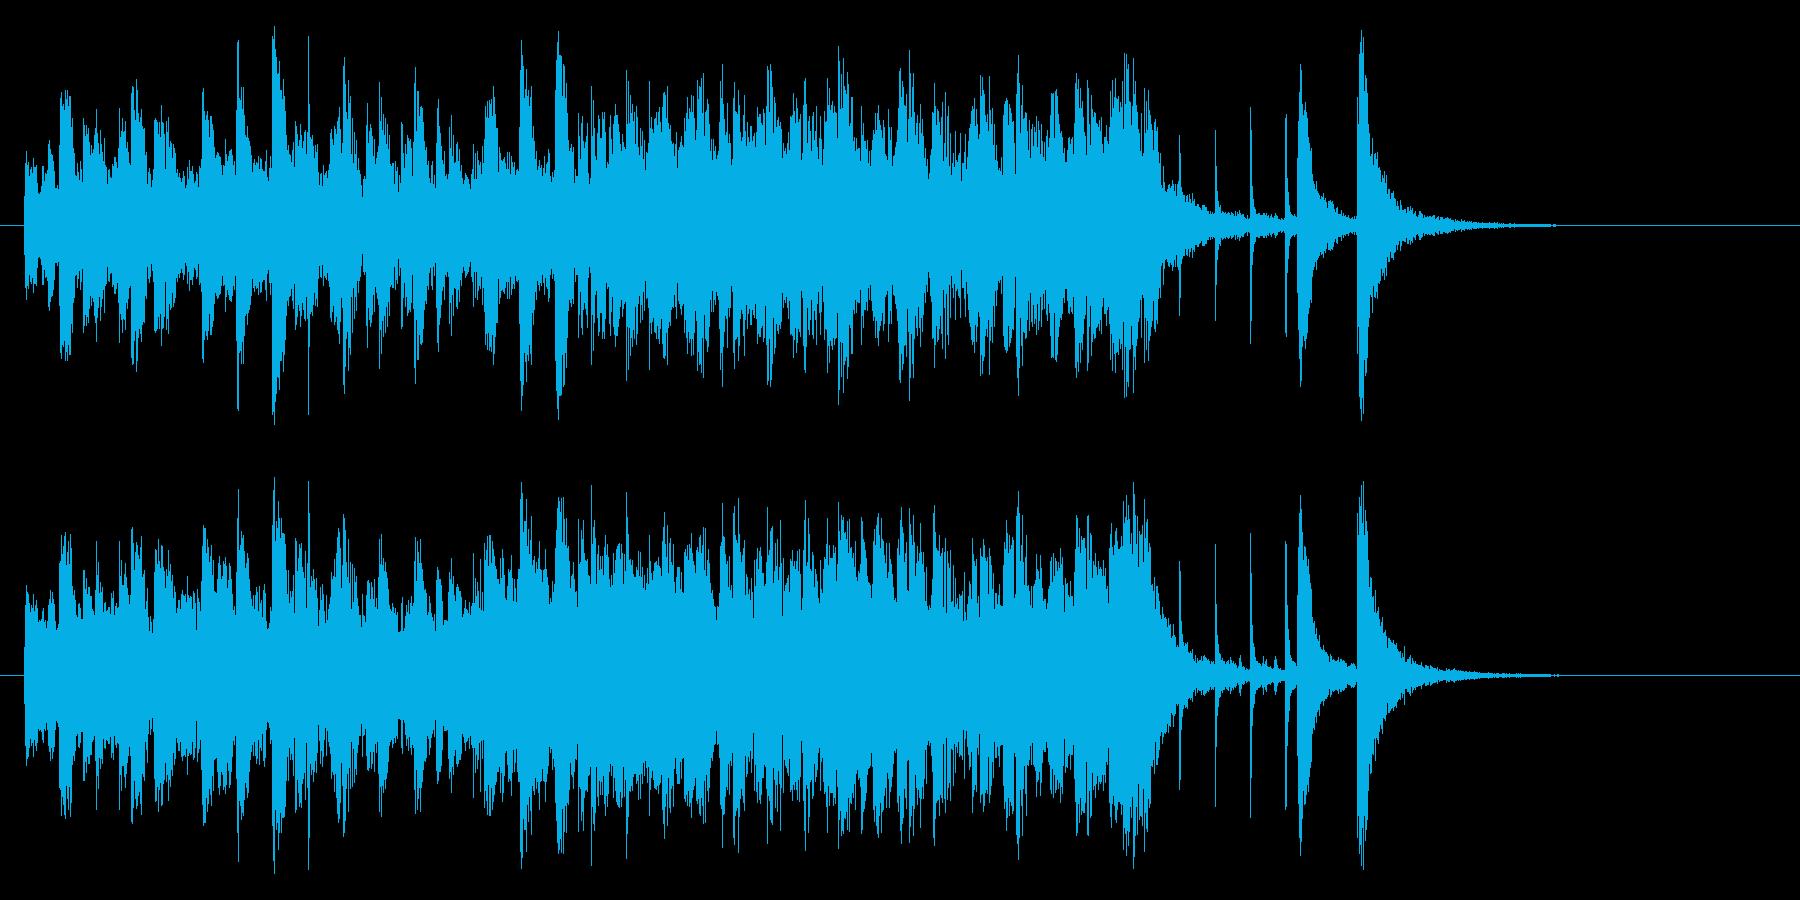 20秒程度の、少し田舎っぽい風景をイメ…の再生済みの波形